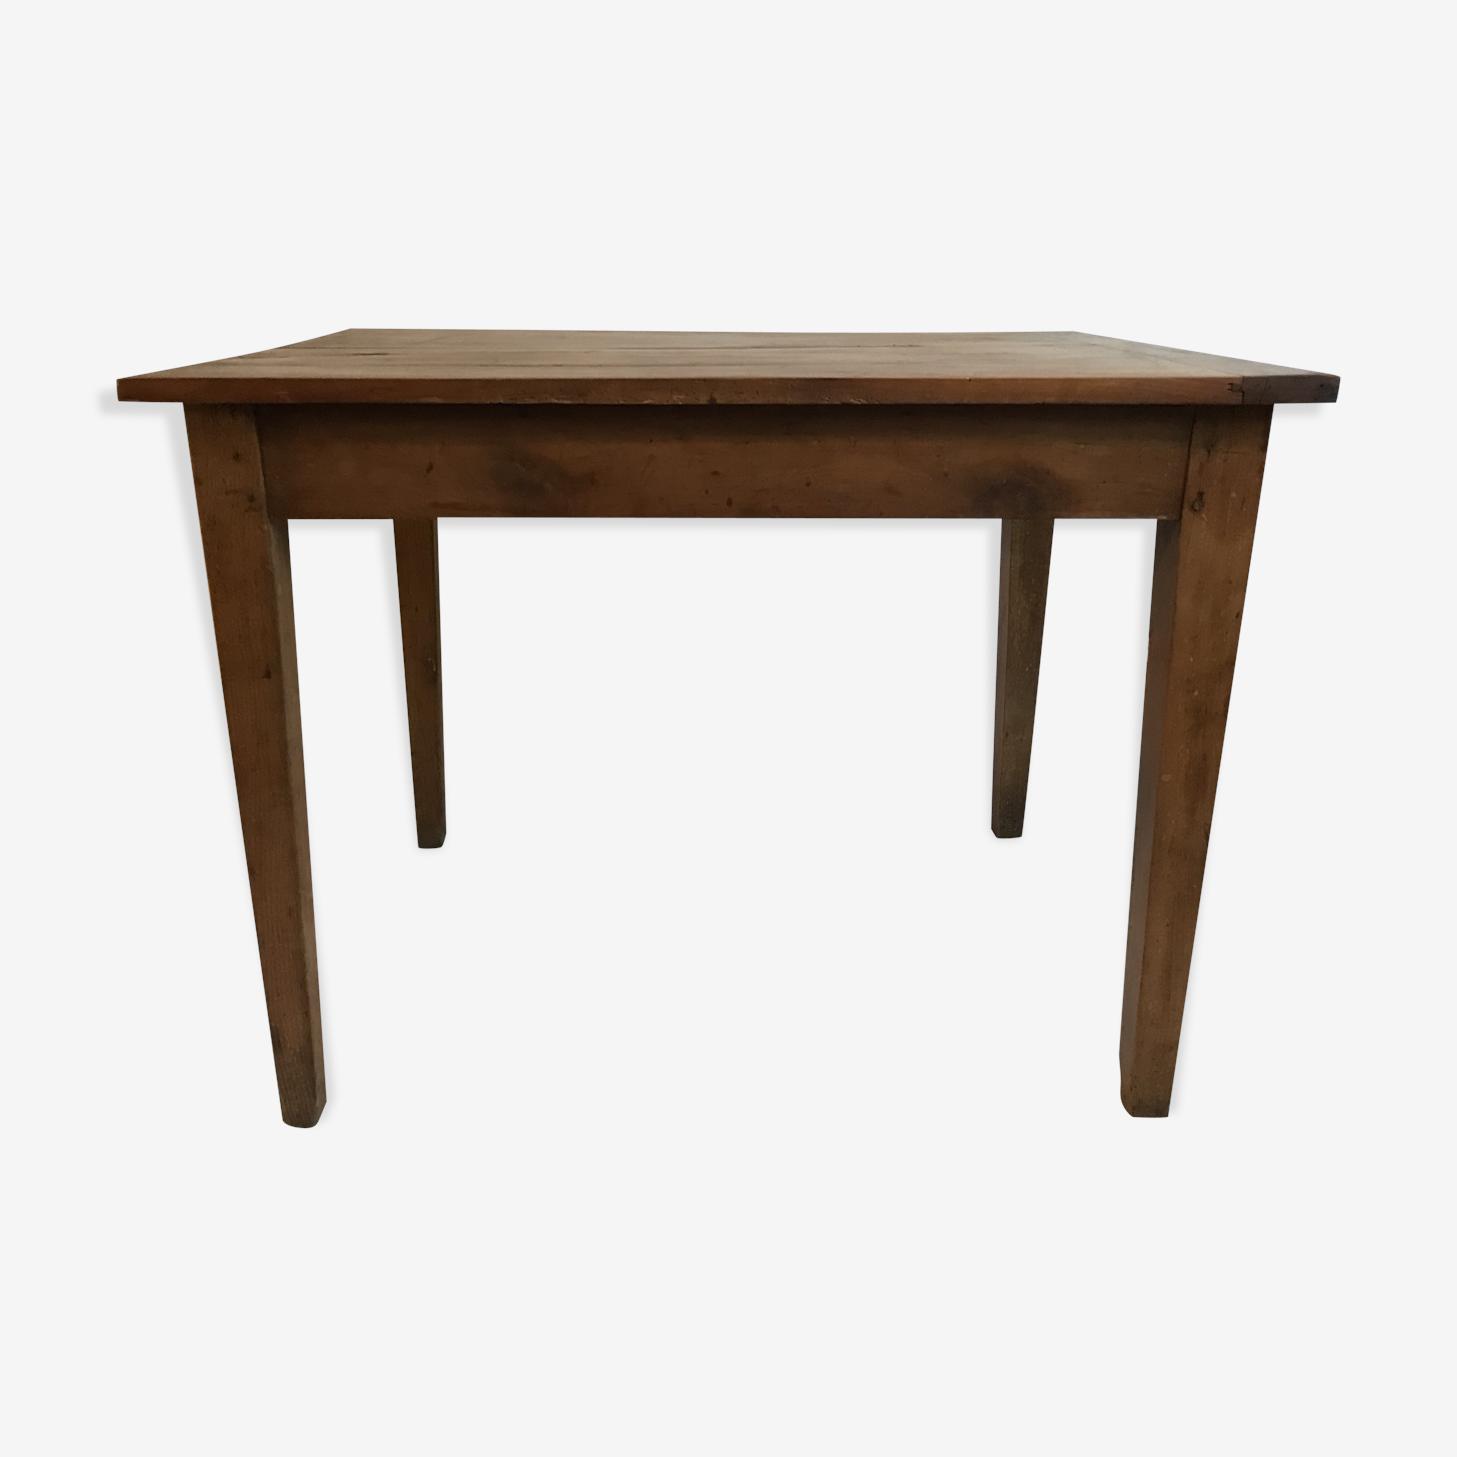 Massive wooden farm table